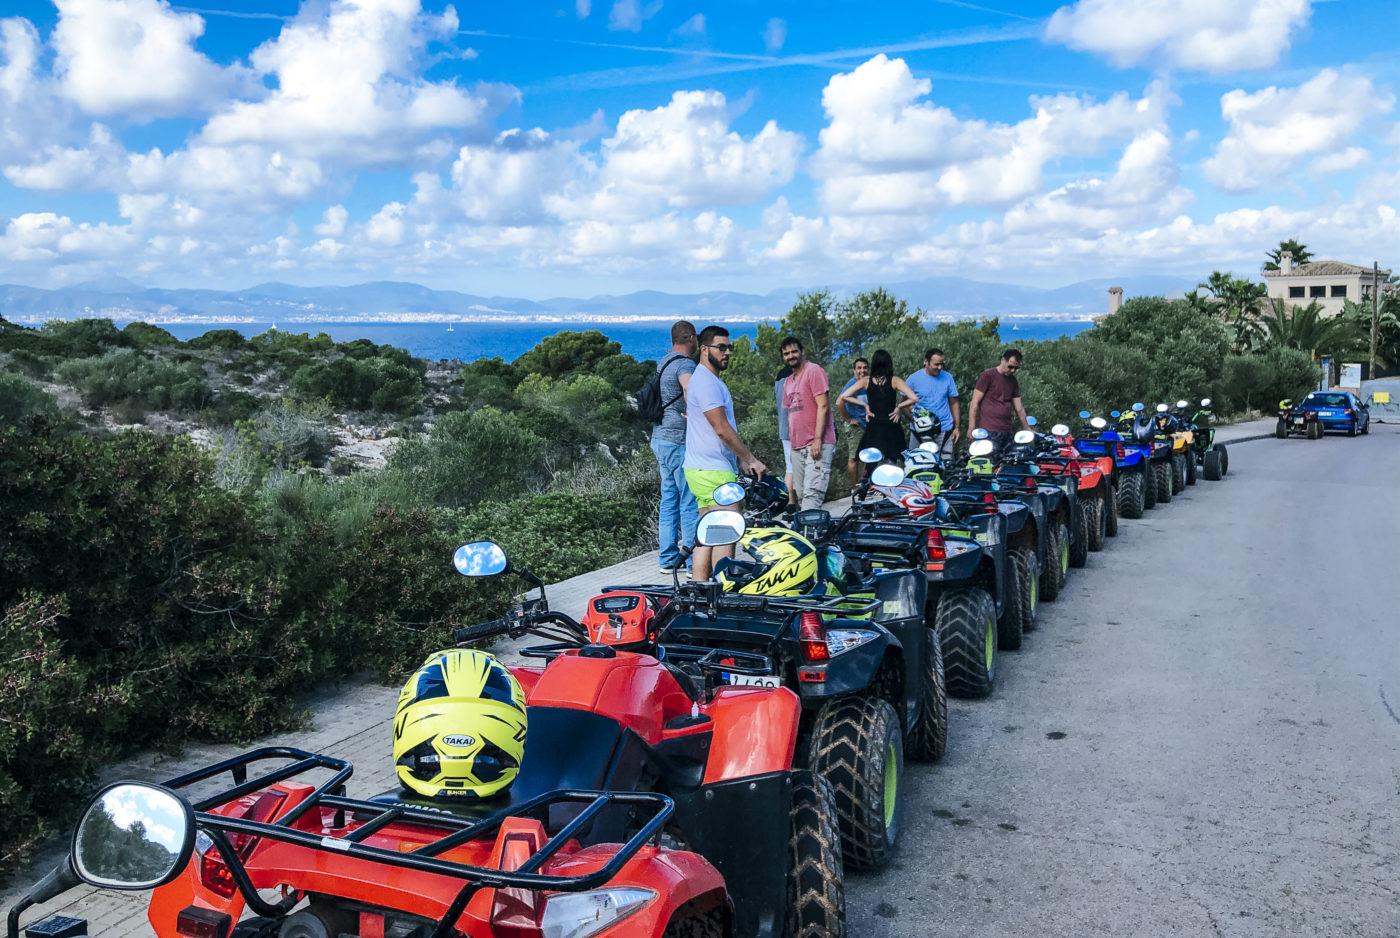 agence evenementielle receptive pays basque erronda seminaire team building incentive event baléares Majorque Mallorca réunion quad randonnée criques